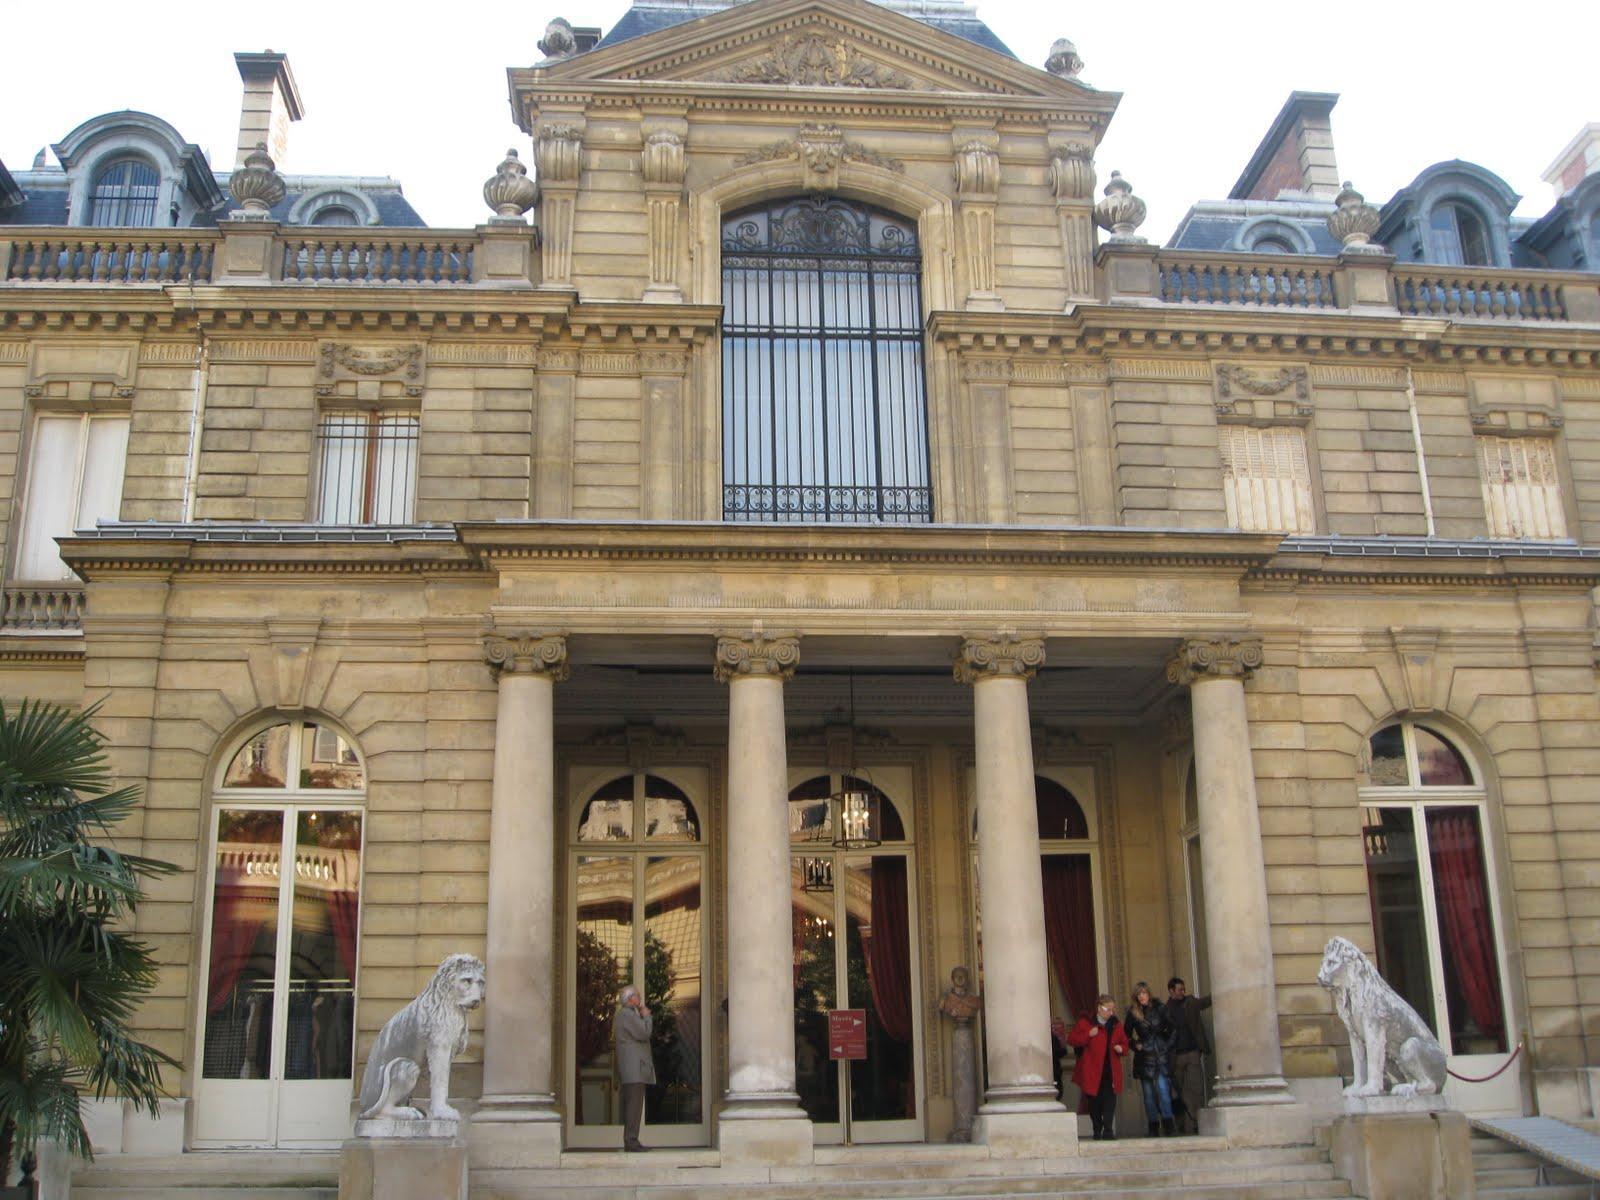 grenoble france 2011 long weekend in paris nov 17 20. Black Bedroom Furniture Sets. Home Design Ideas